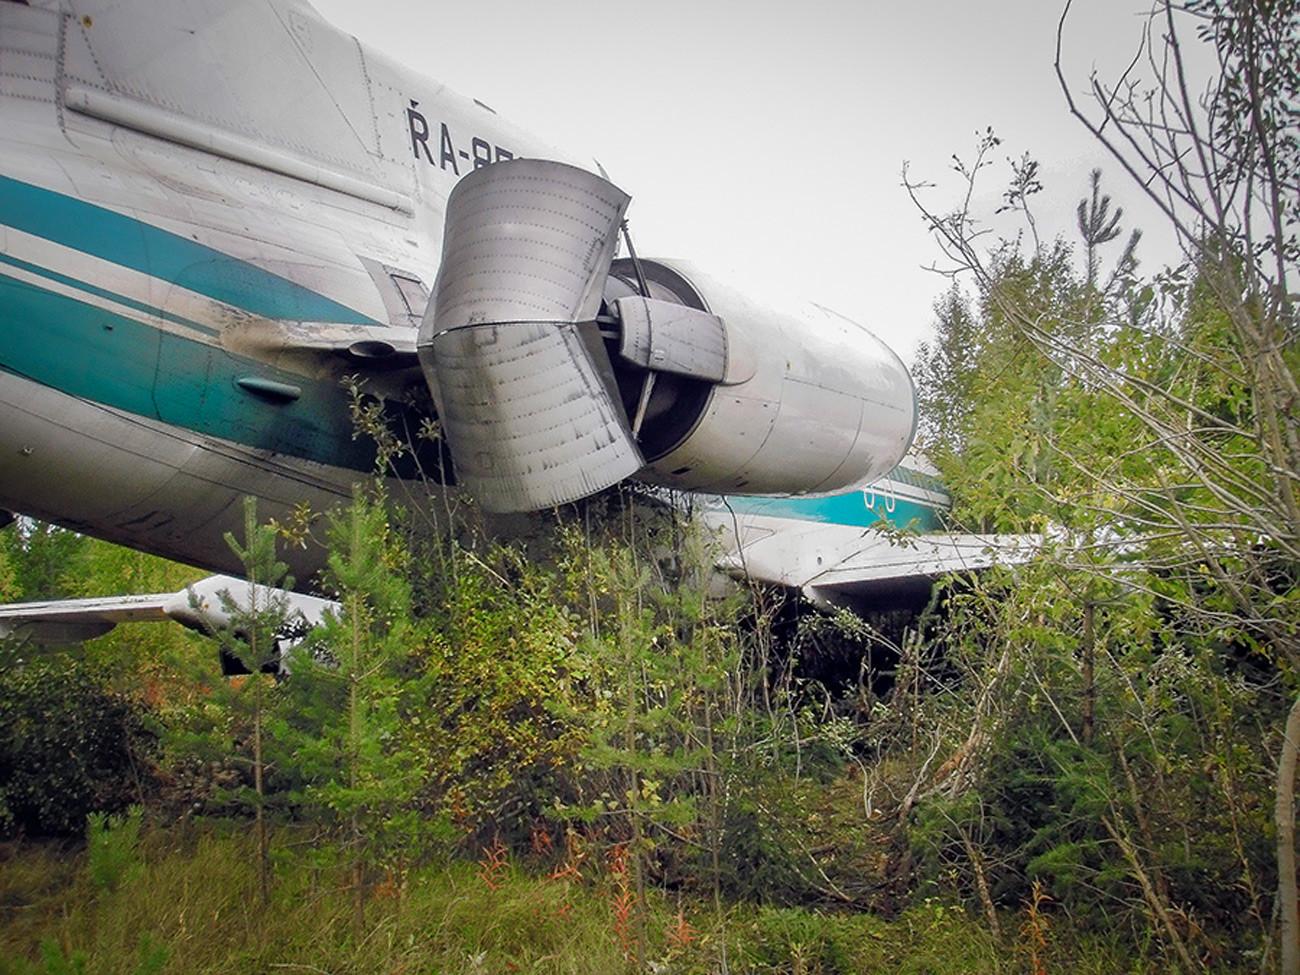 Pesawat meluncur 164 meter membajak tanah.